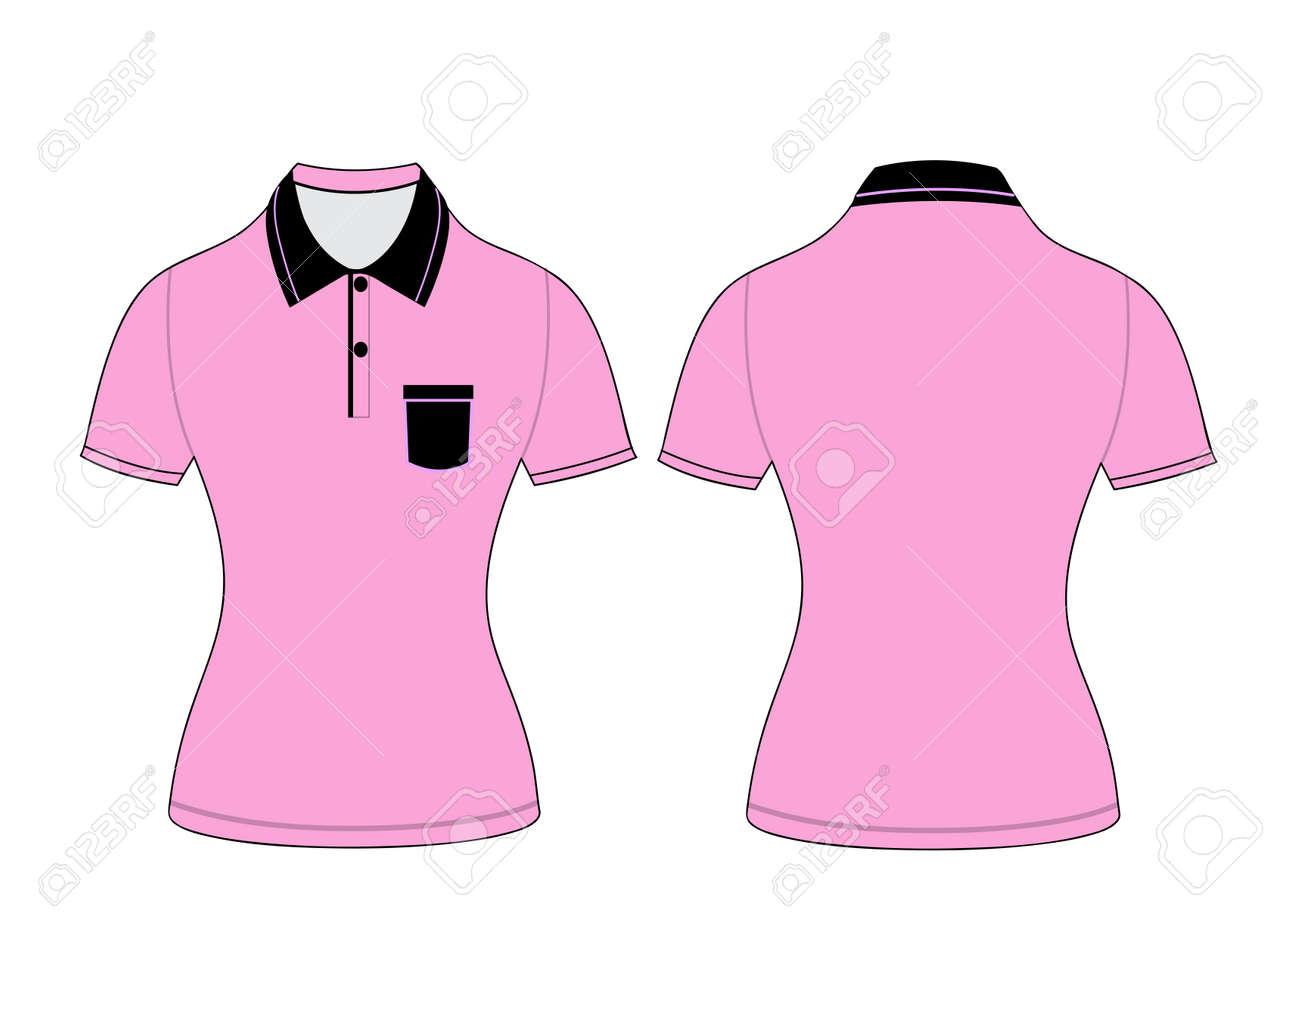 Polo Mujer Camiseta Plantillas De Diseño (frontal Y Trasera Puntos ...